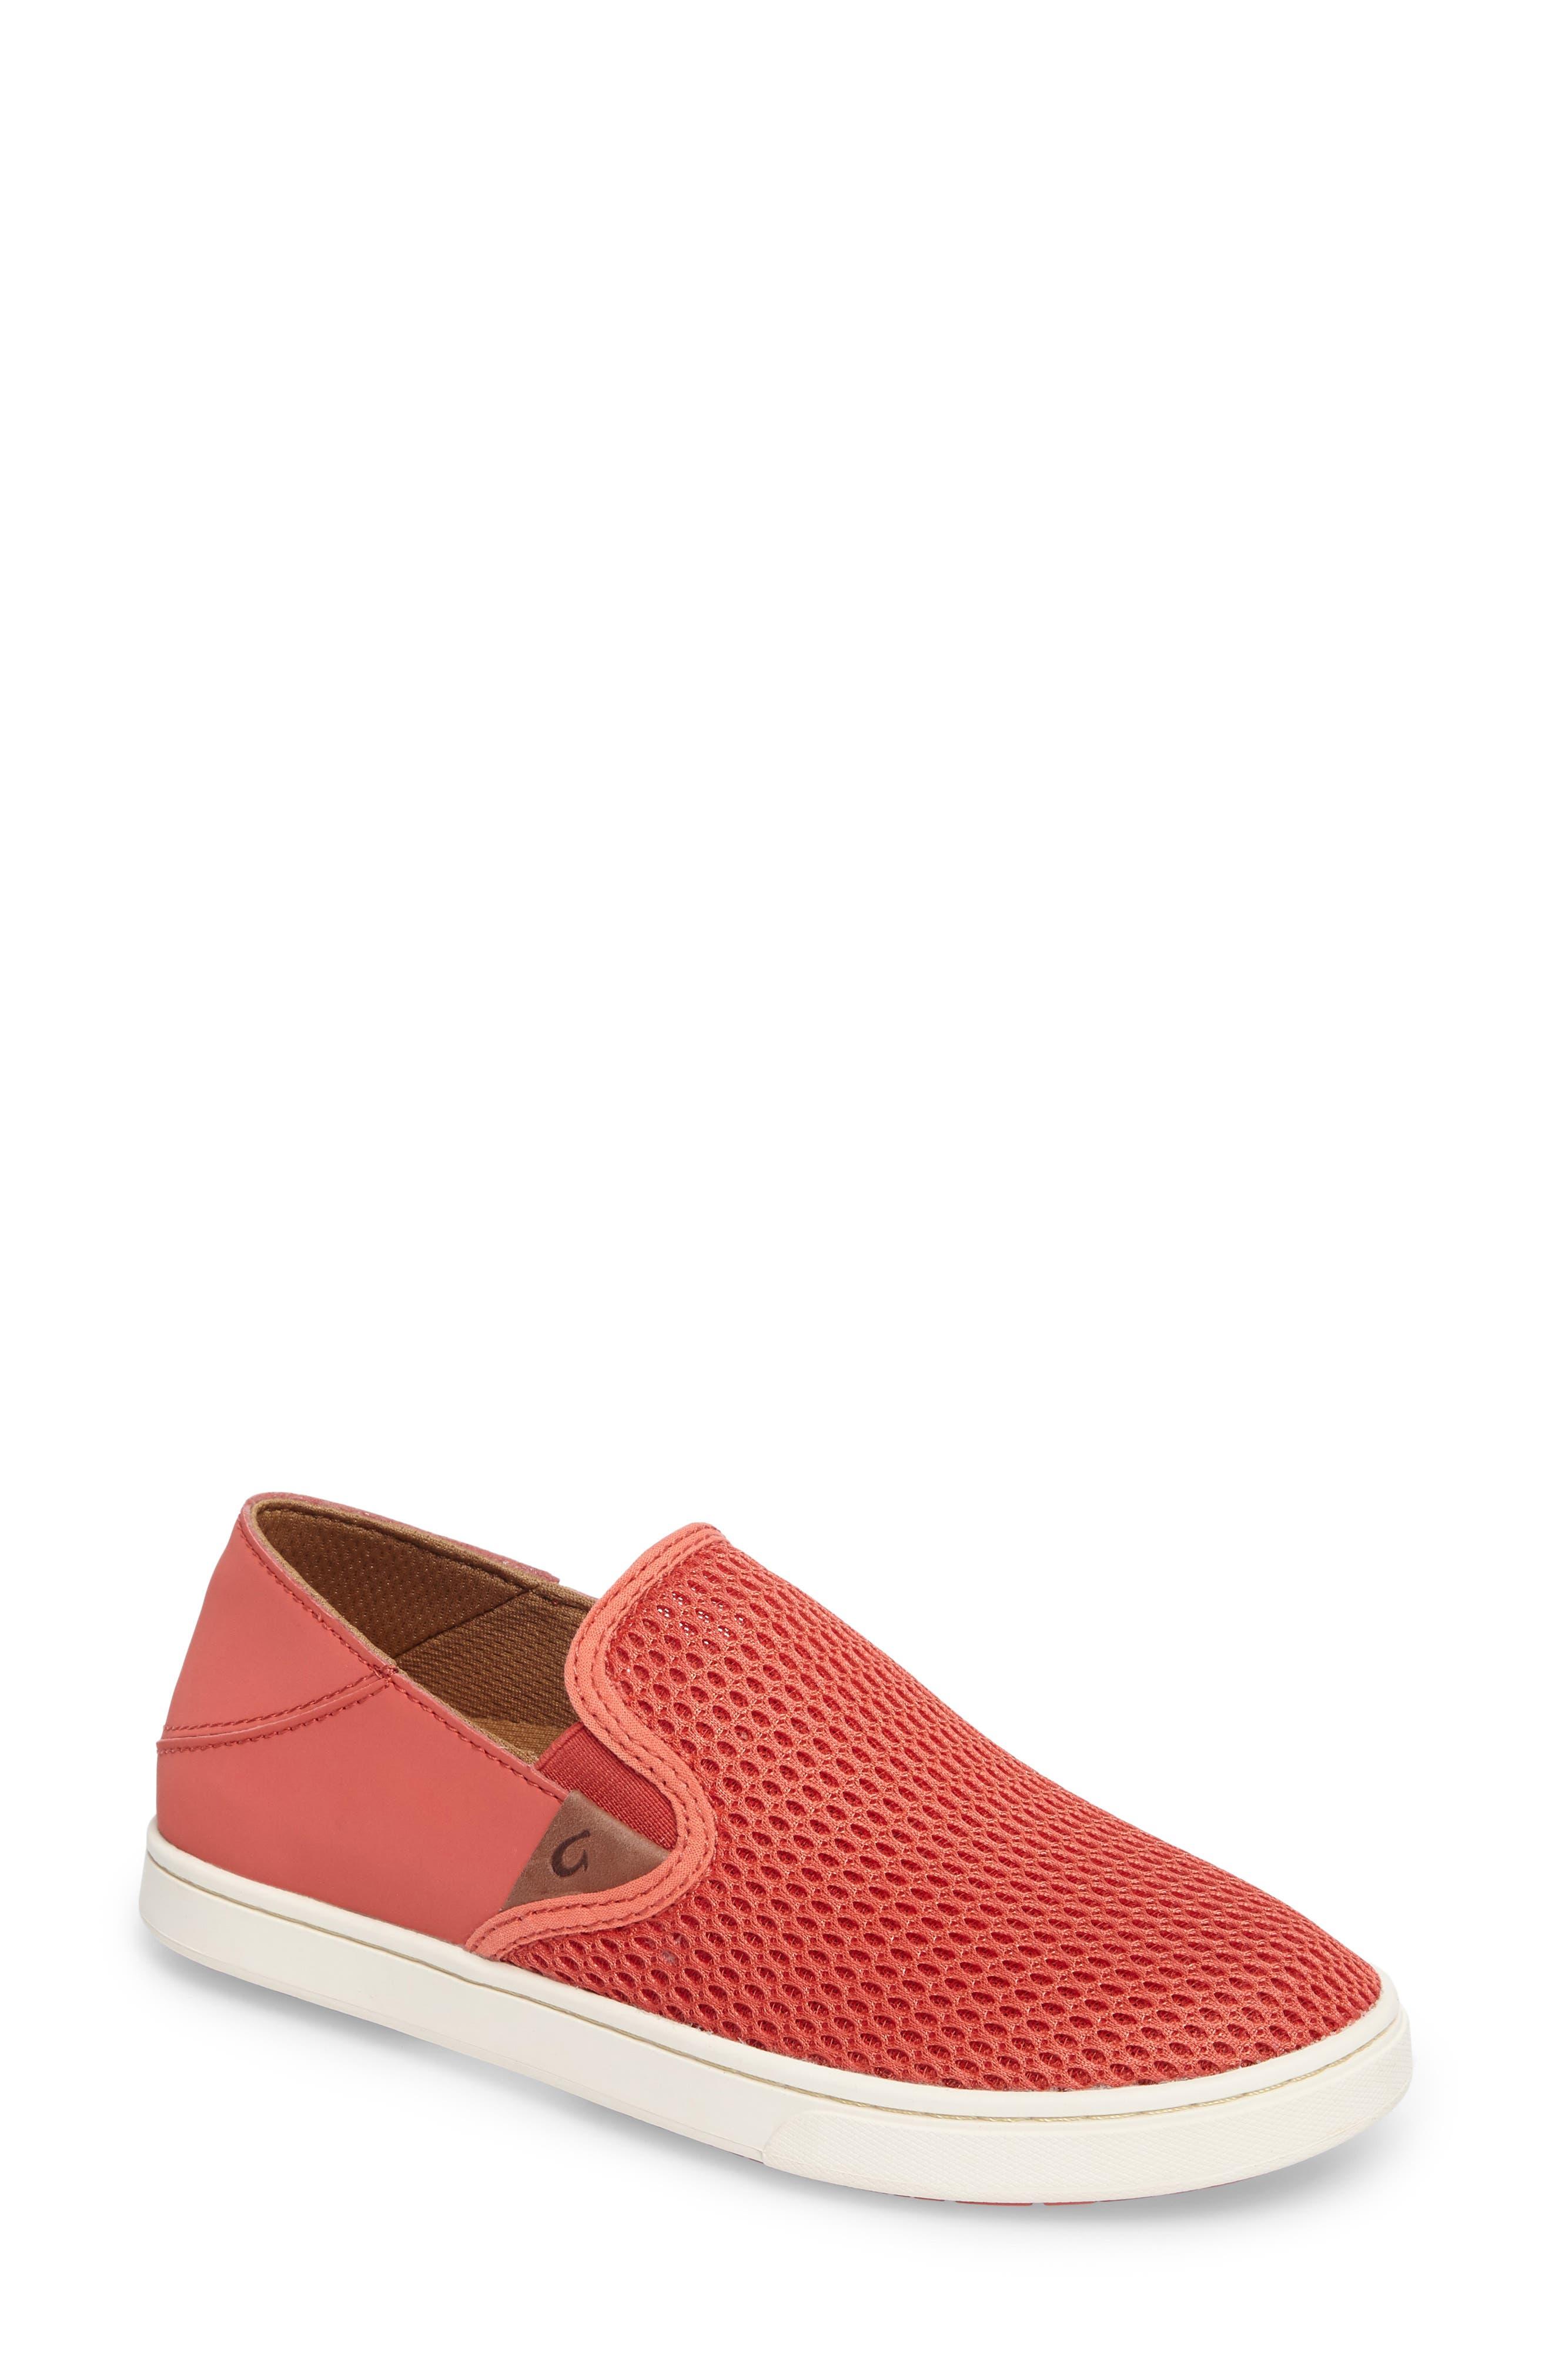 Main Image - OluKai 'Pehuea' Slip-On Sneaker (Women)